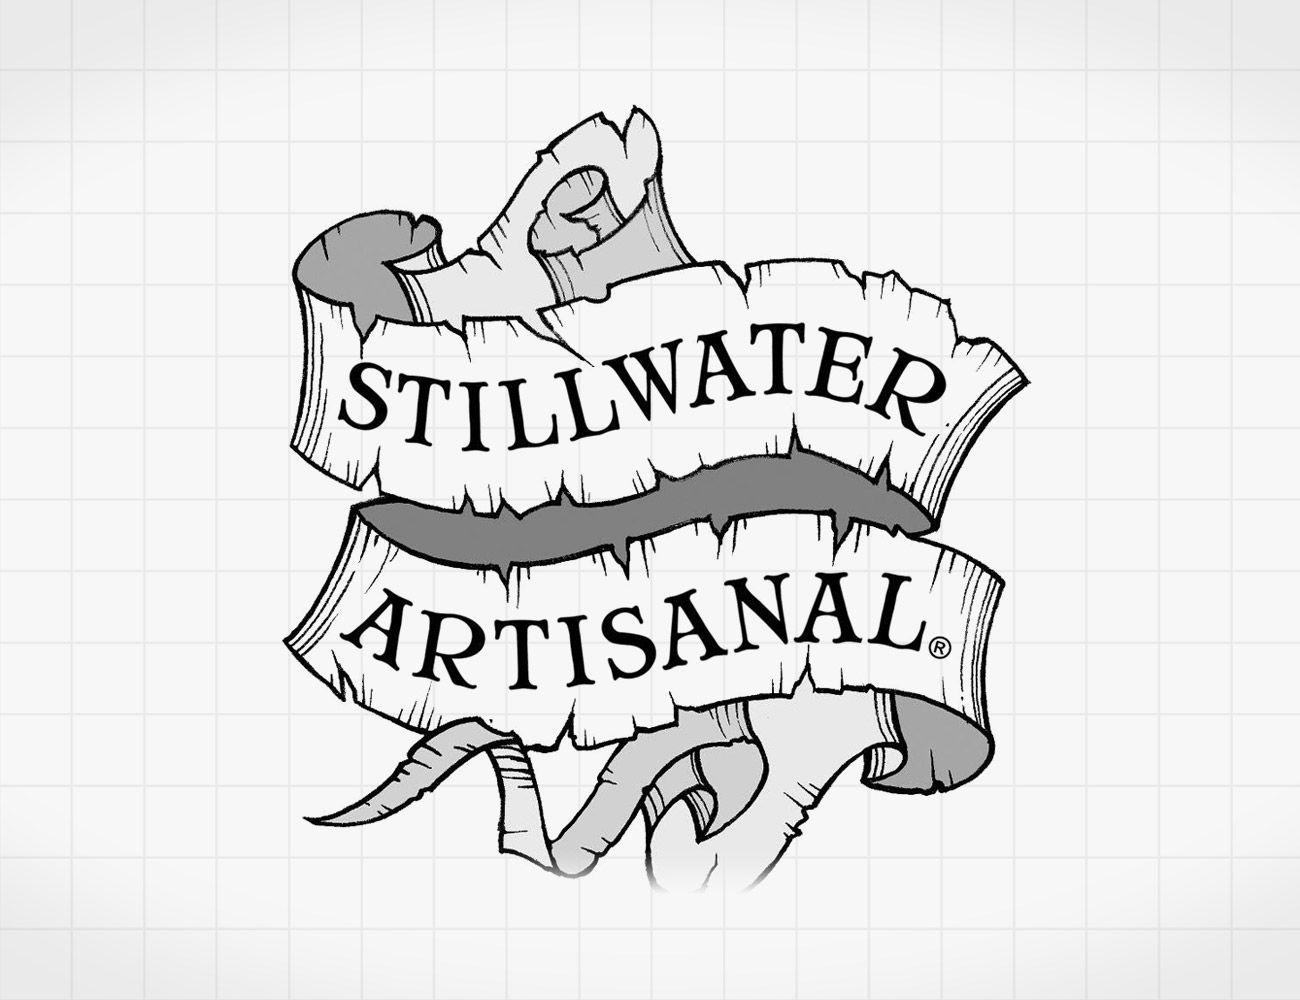 stillwater-artisinal-brewing-logo-gear-patrol